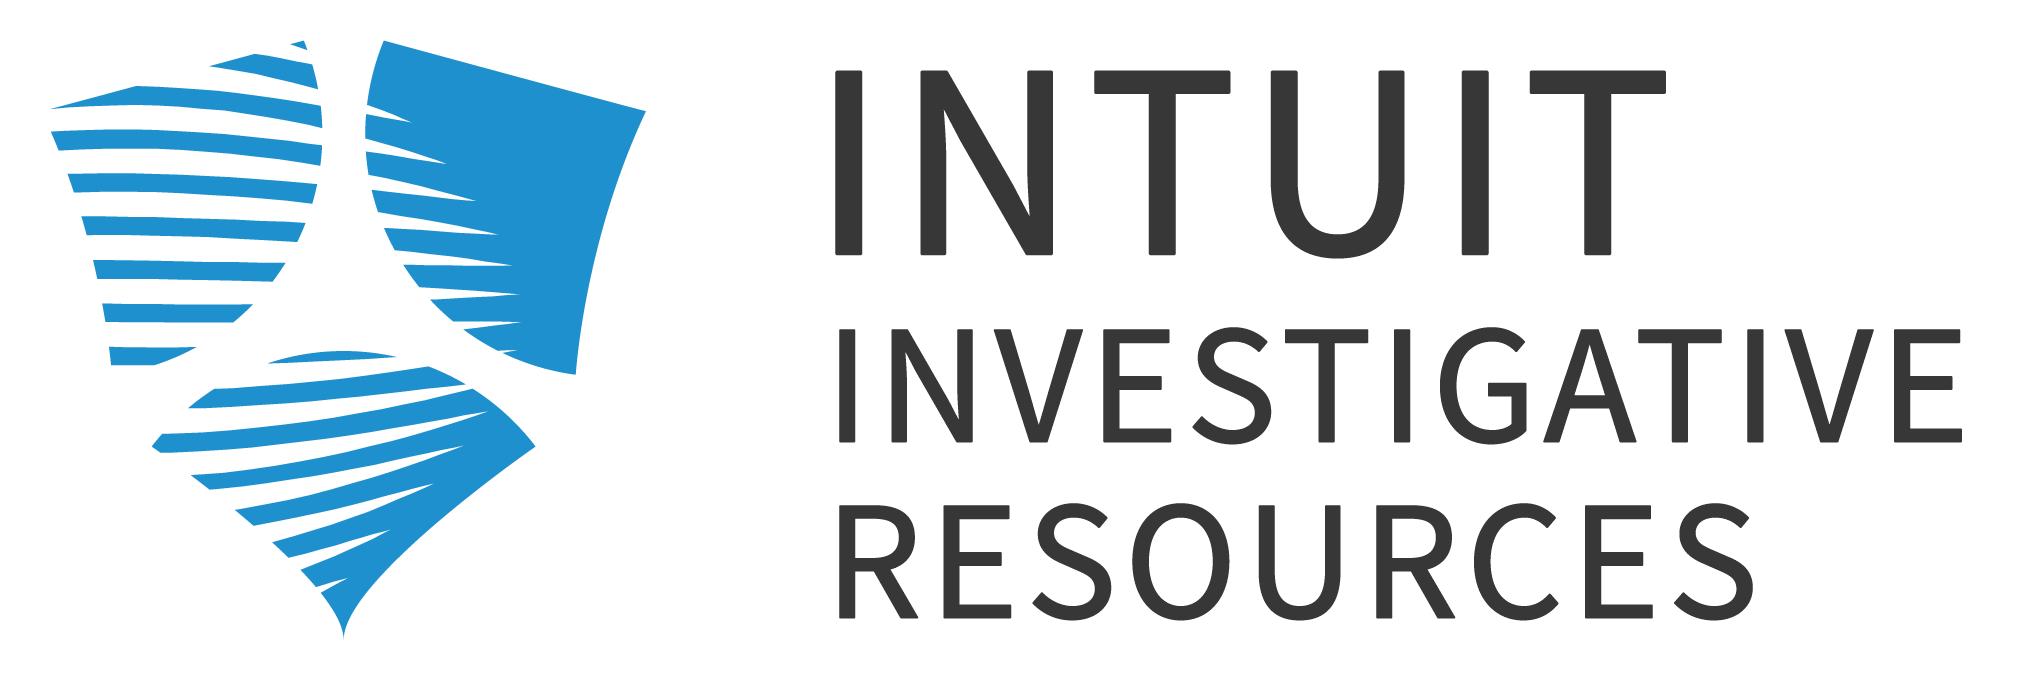 Intuit Investigative Resources